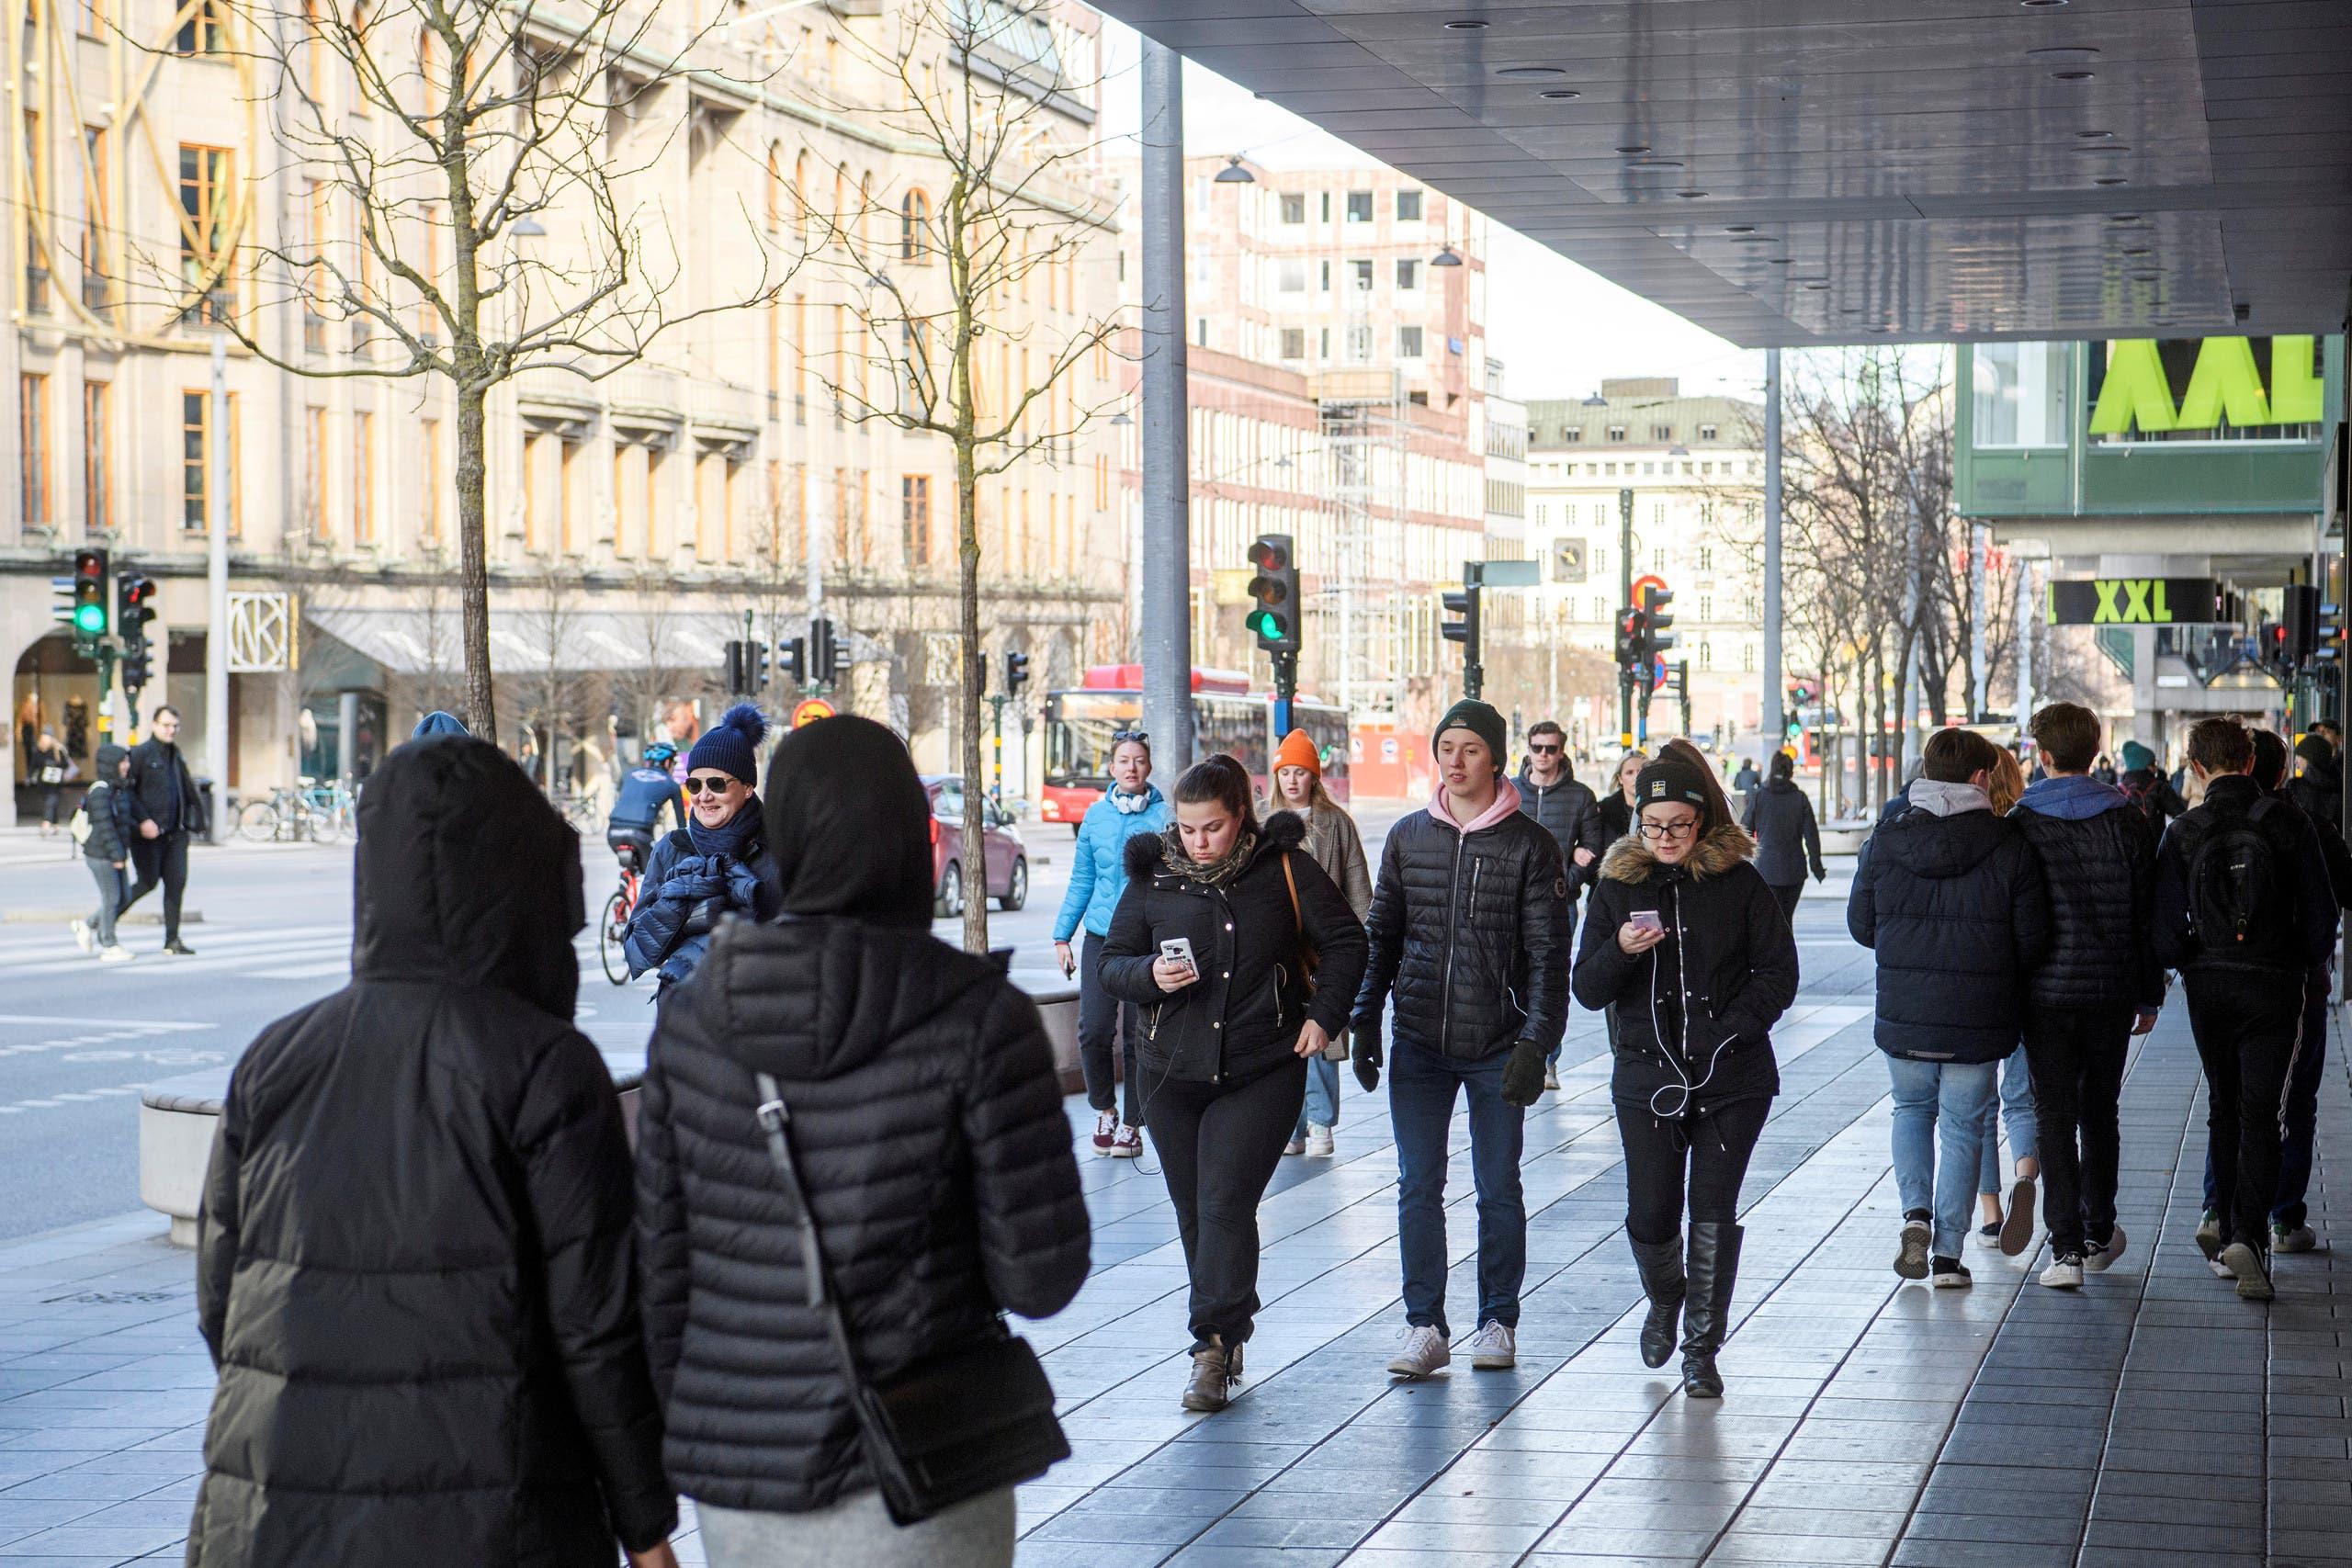 الحركة مستمرة في ستوكهولم حيث لم تغلق الأسواق والمطاعم